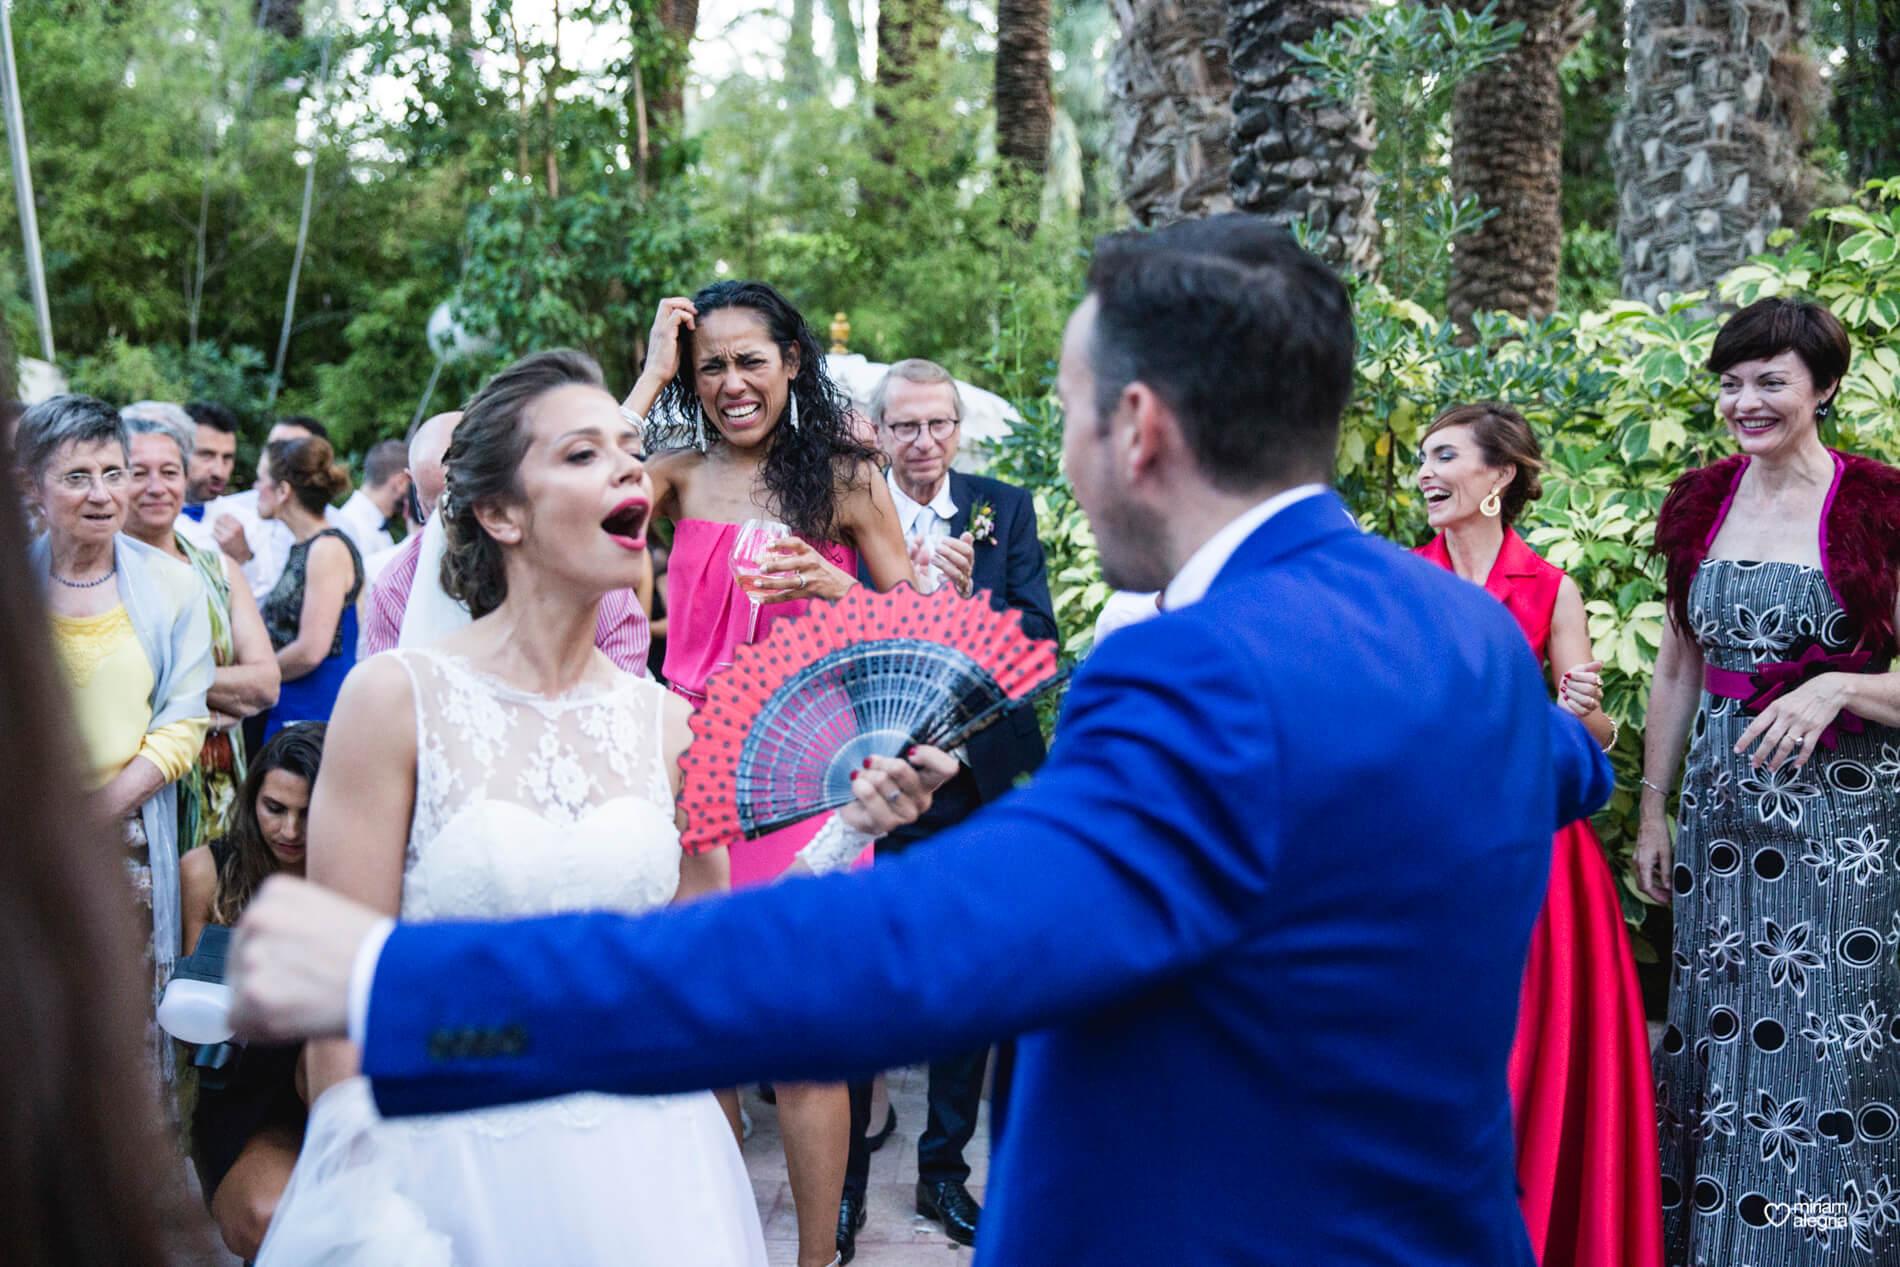 wedding-huerto-del-cura-elche-miriam-alegria-fotografos-boda-65